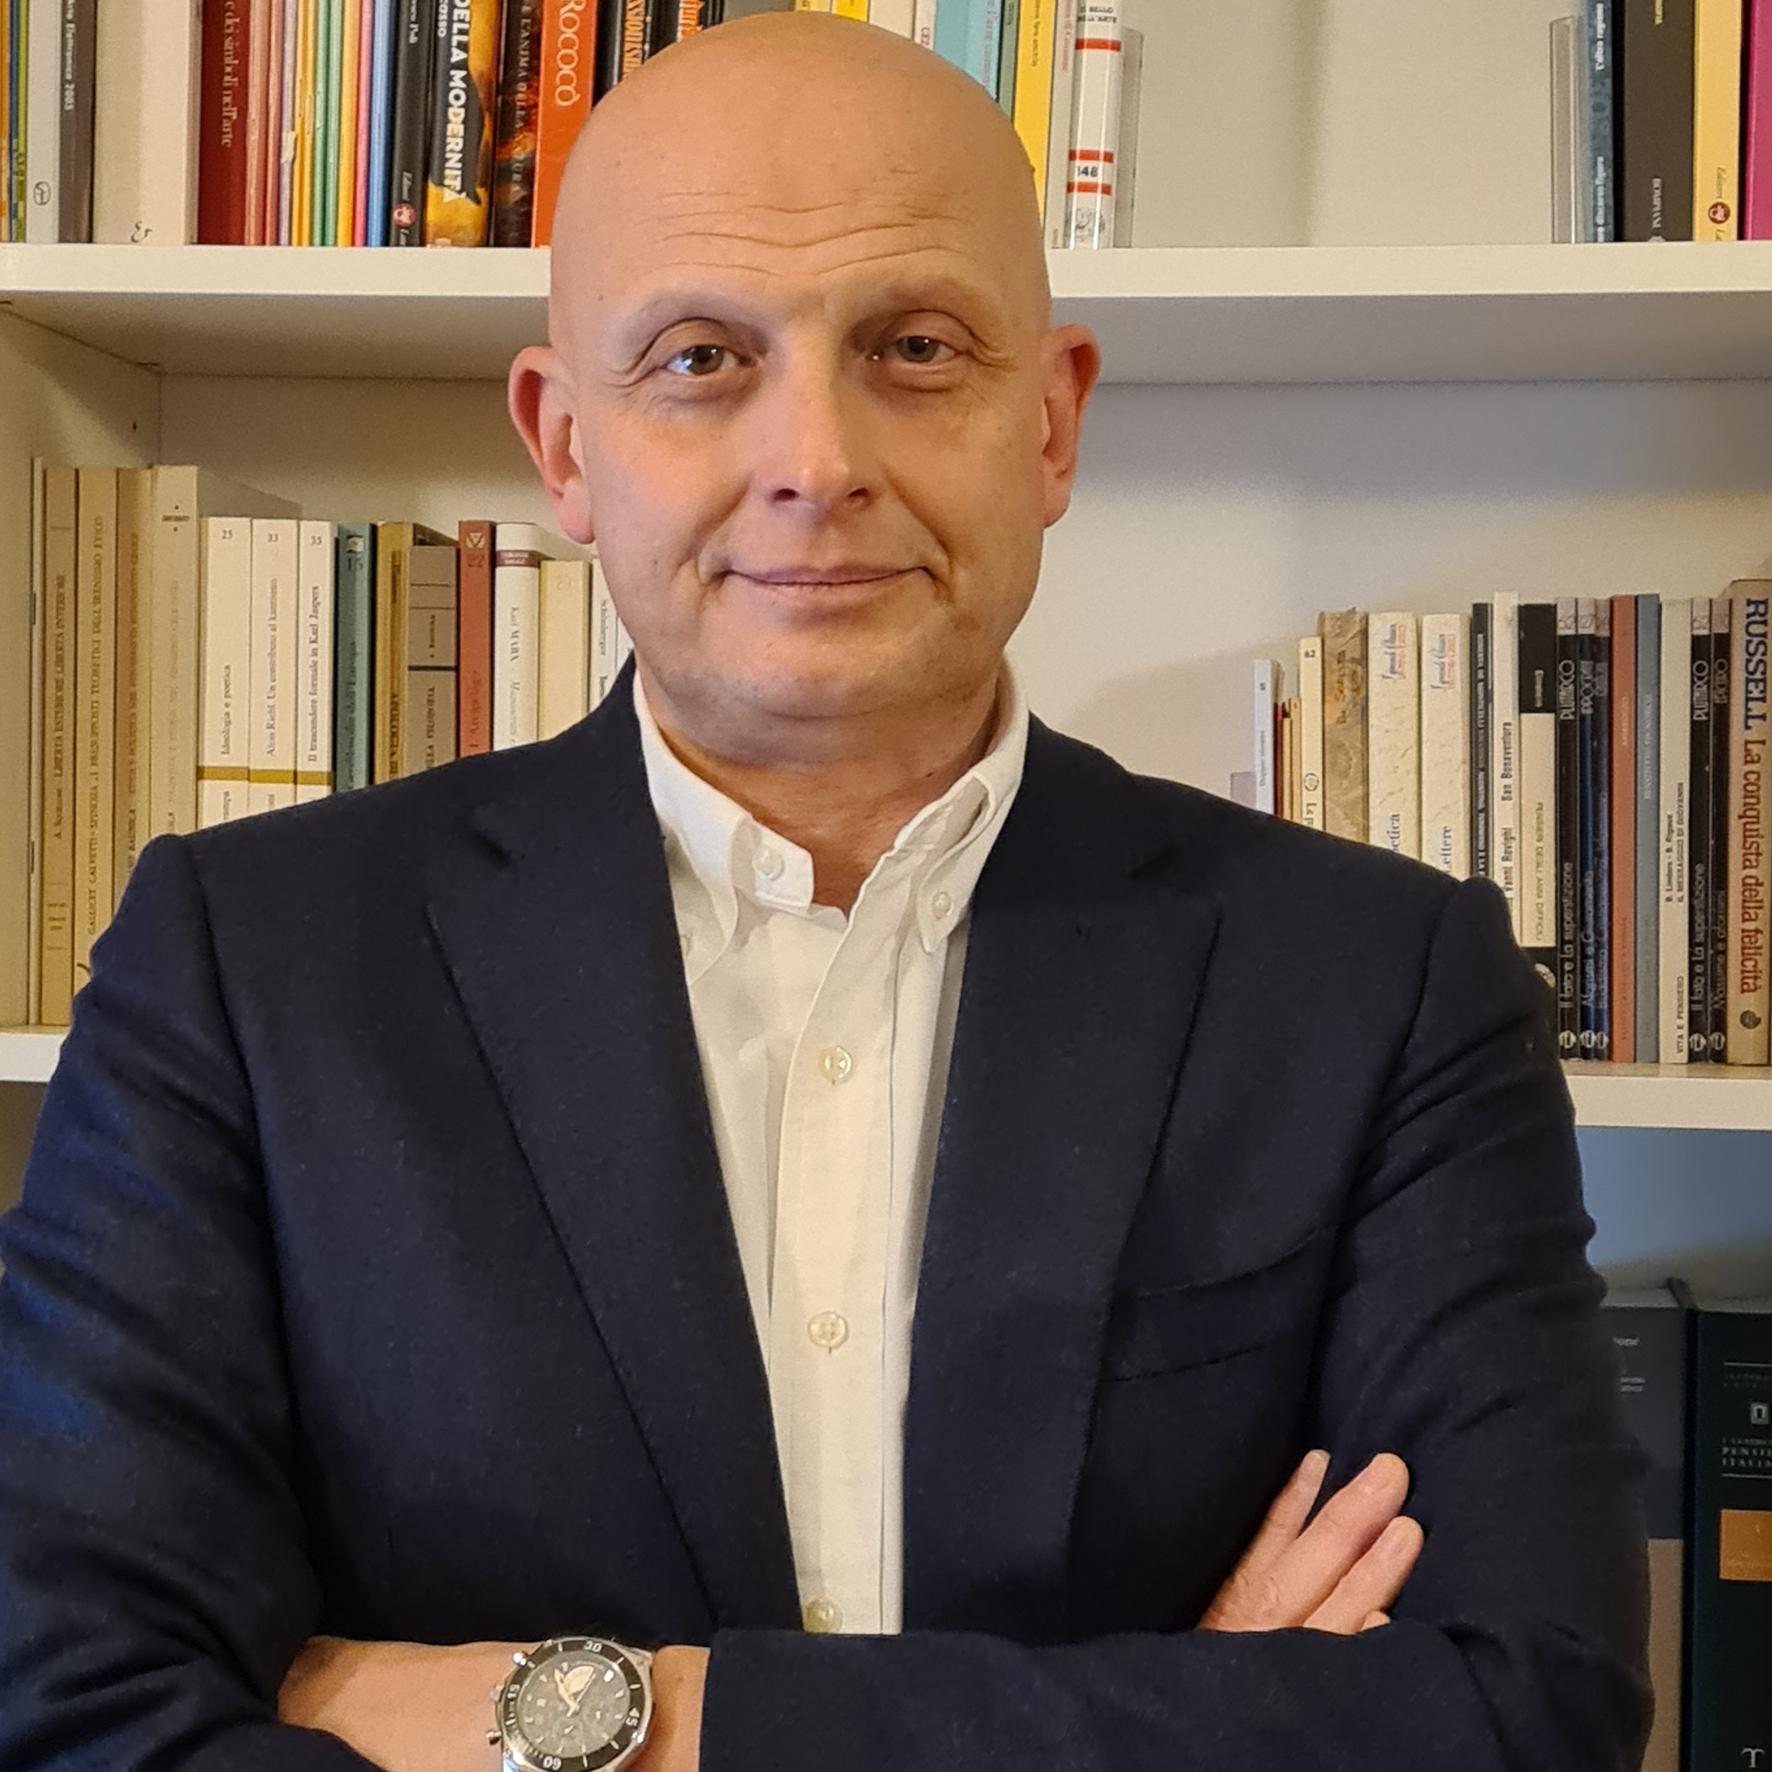 Stefano Boccoli